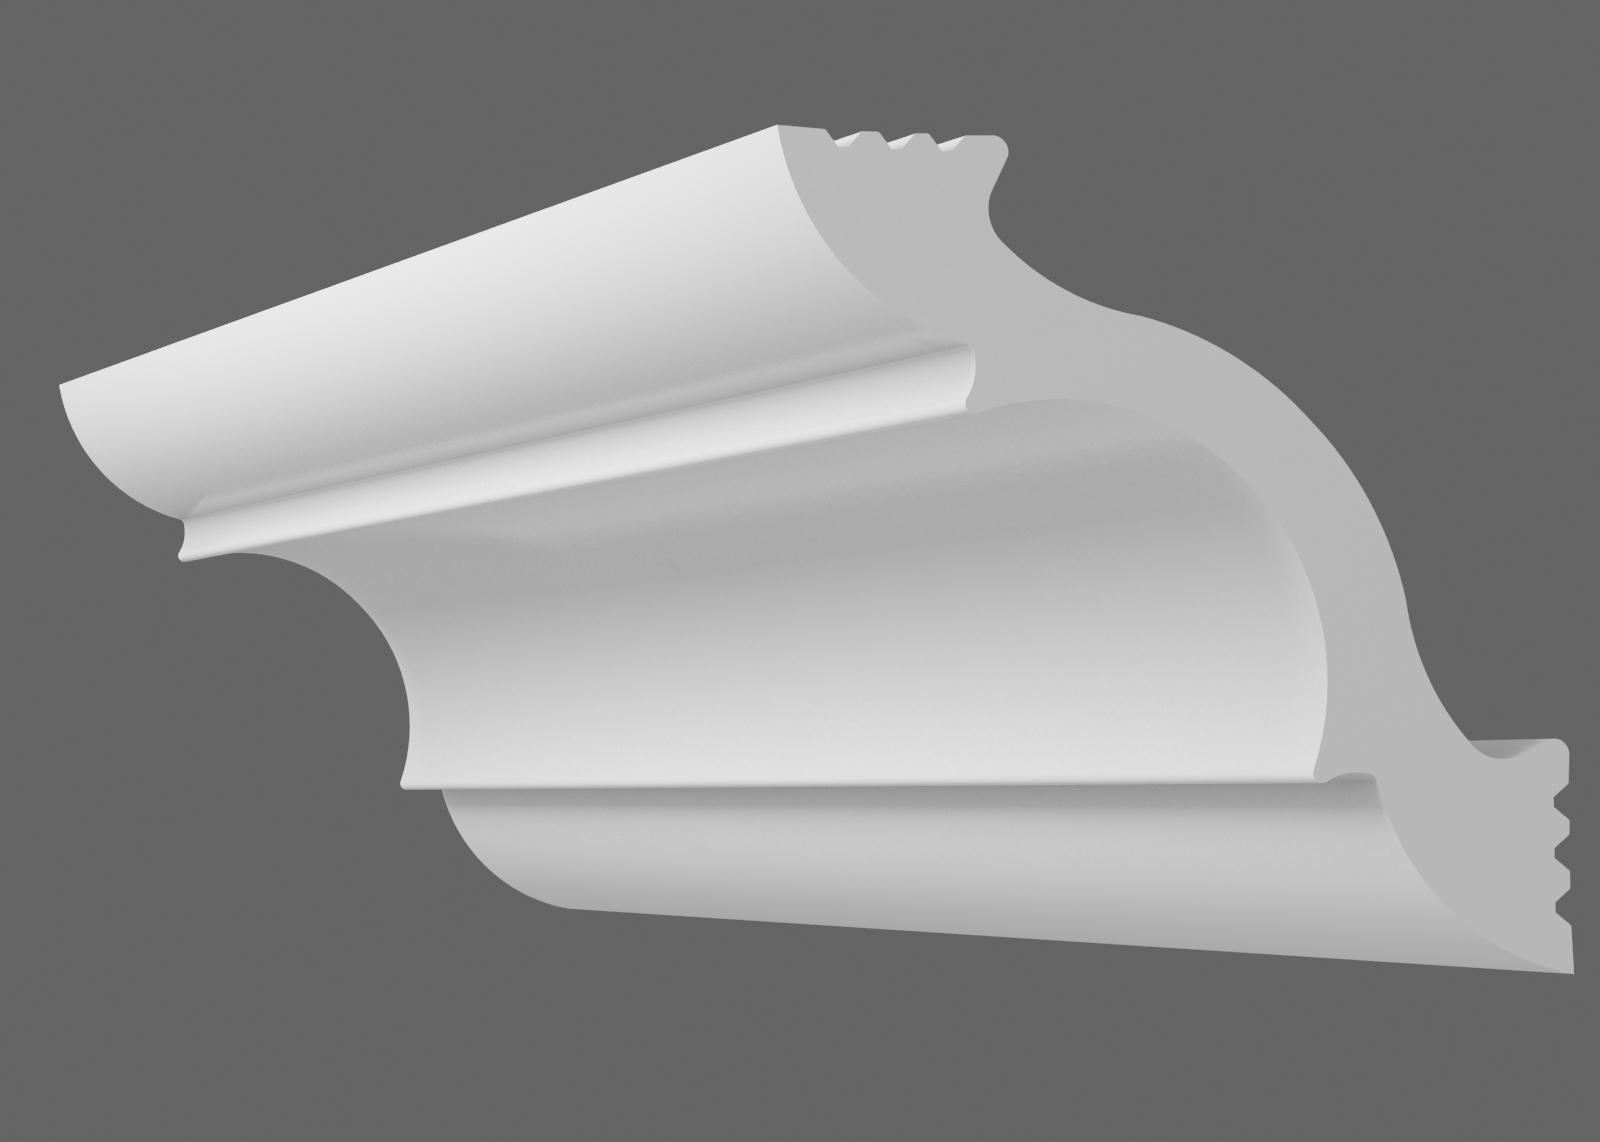 Потолочный плинтус K-45 (Размер:35х35мм)